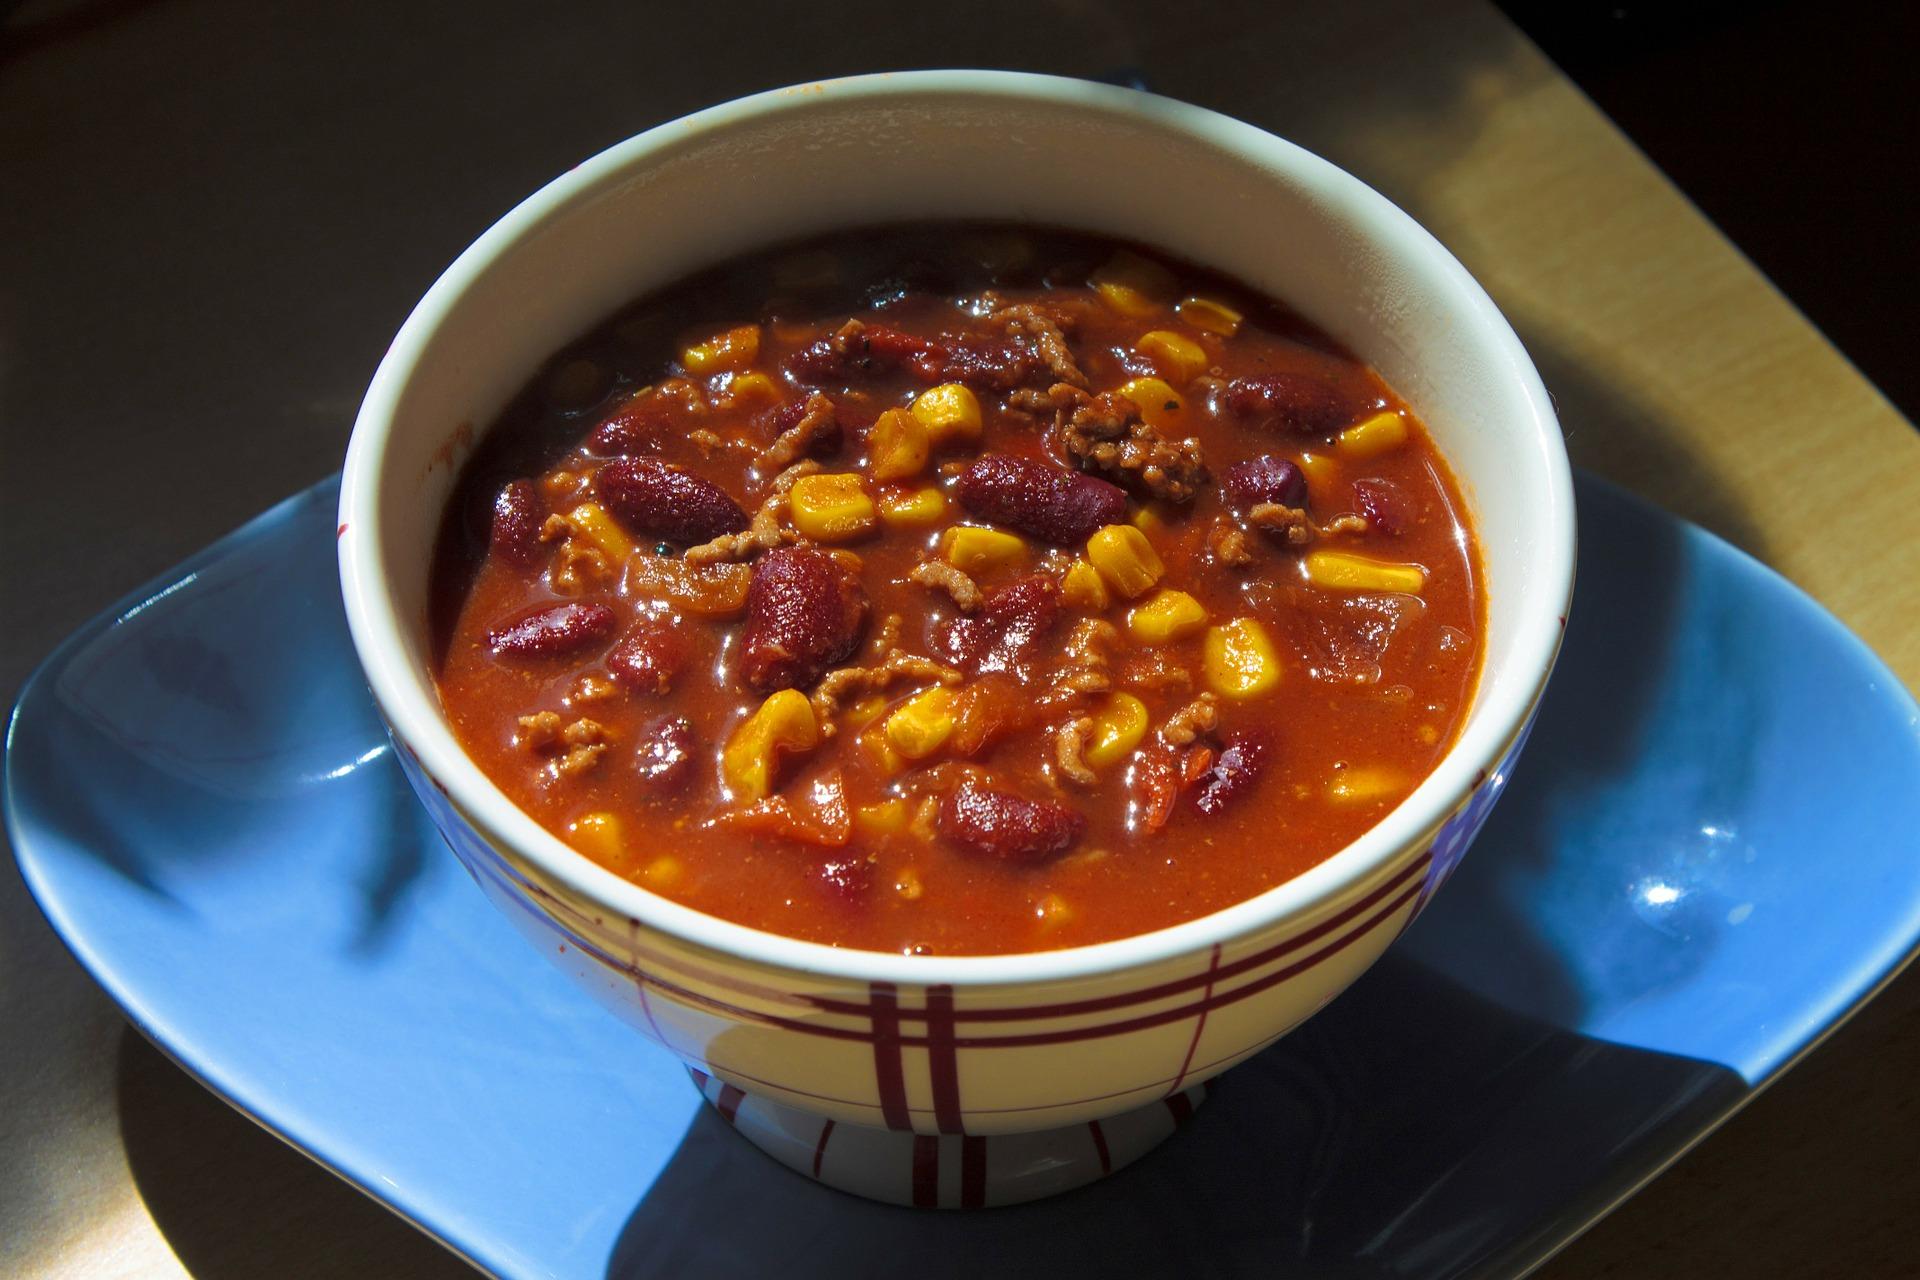 chili-con-carne-325587_1920.jpg